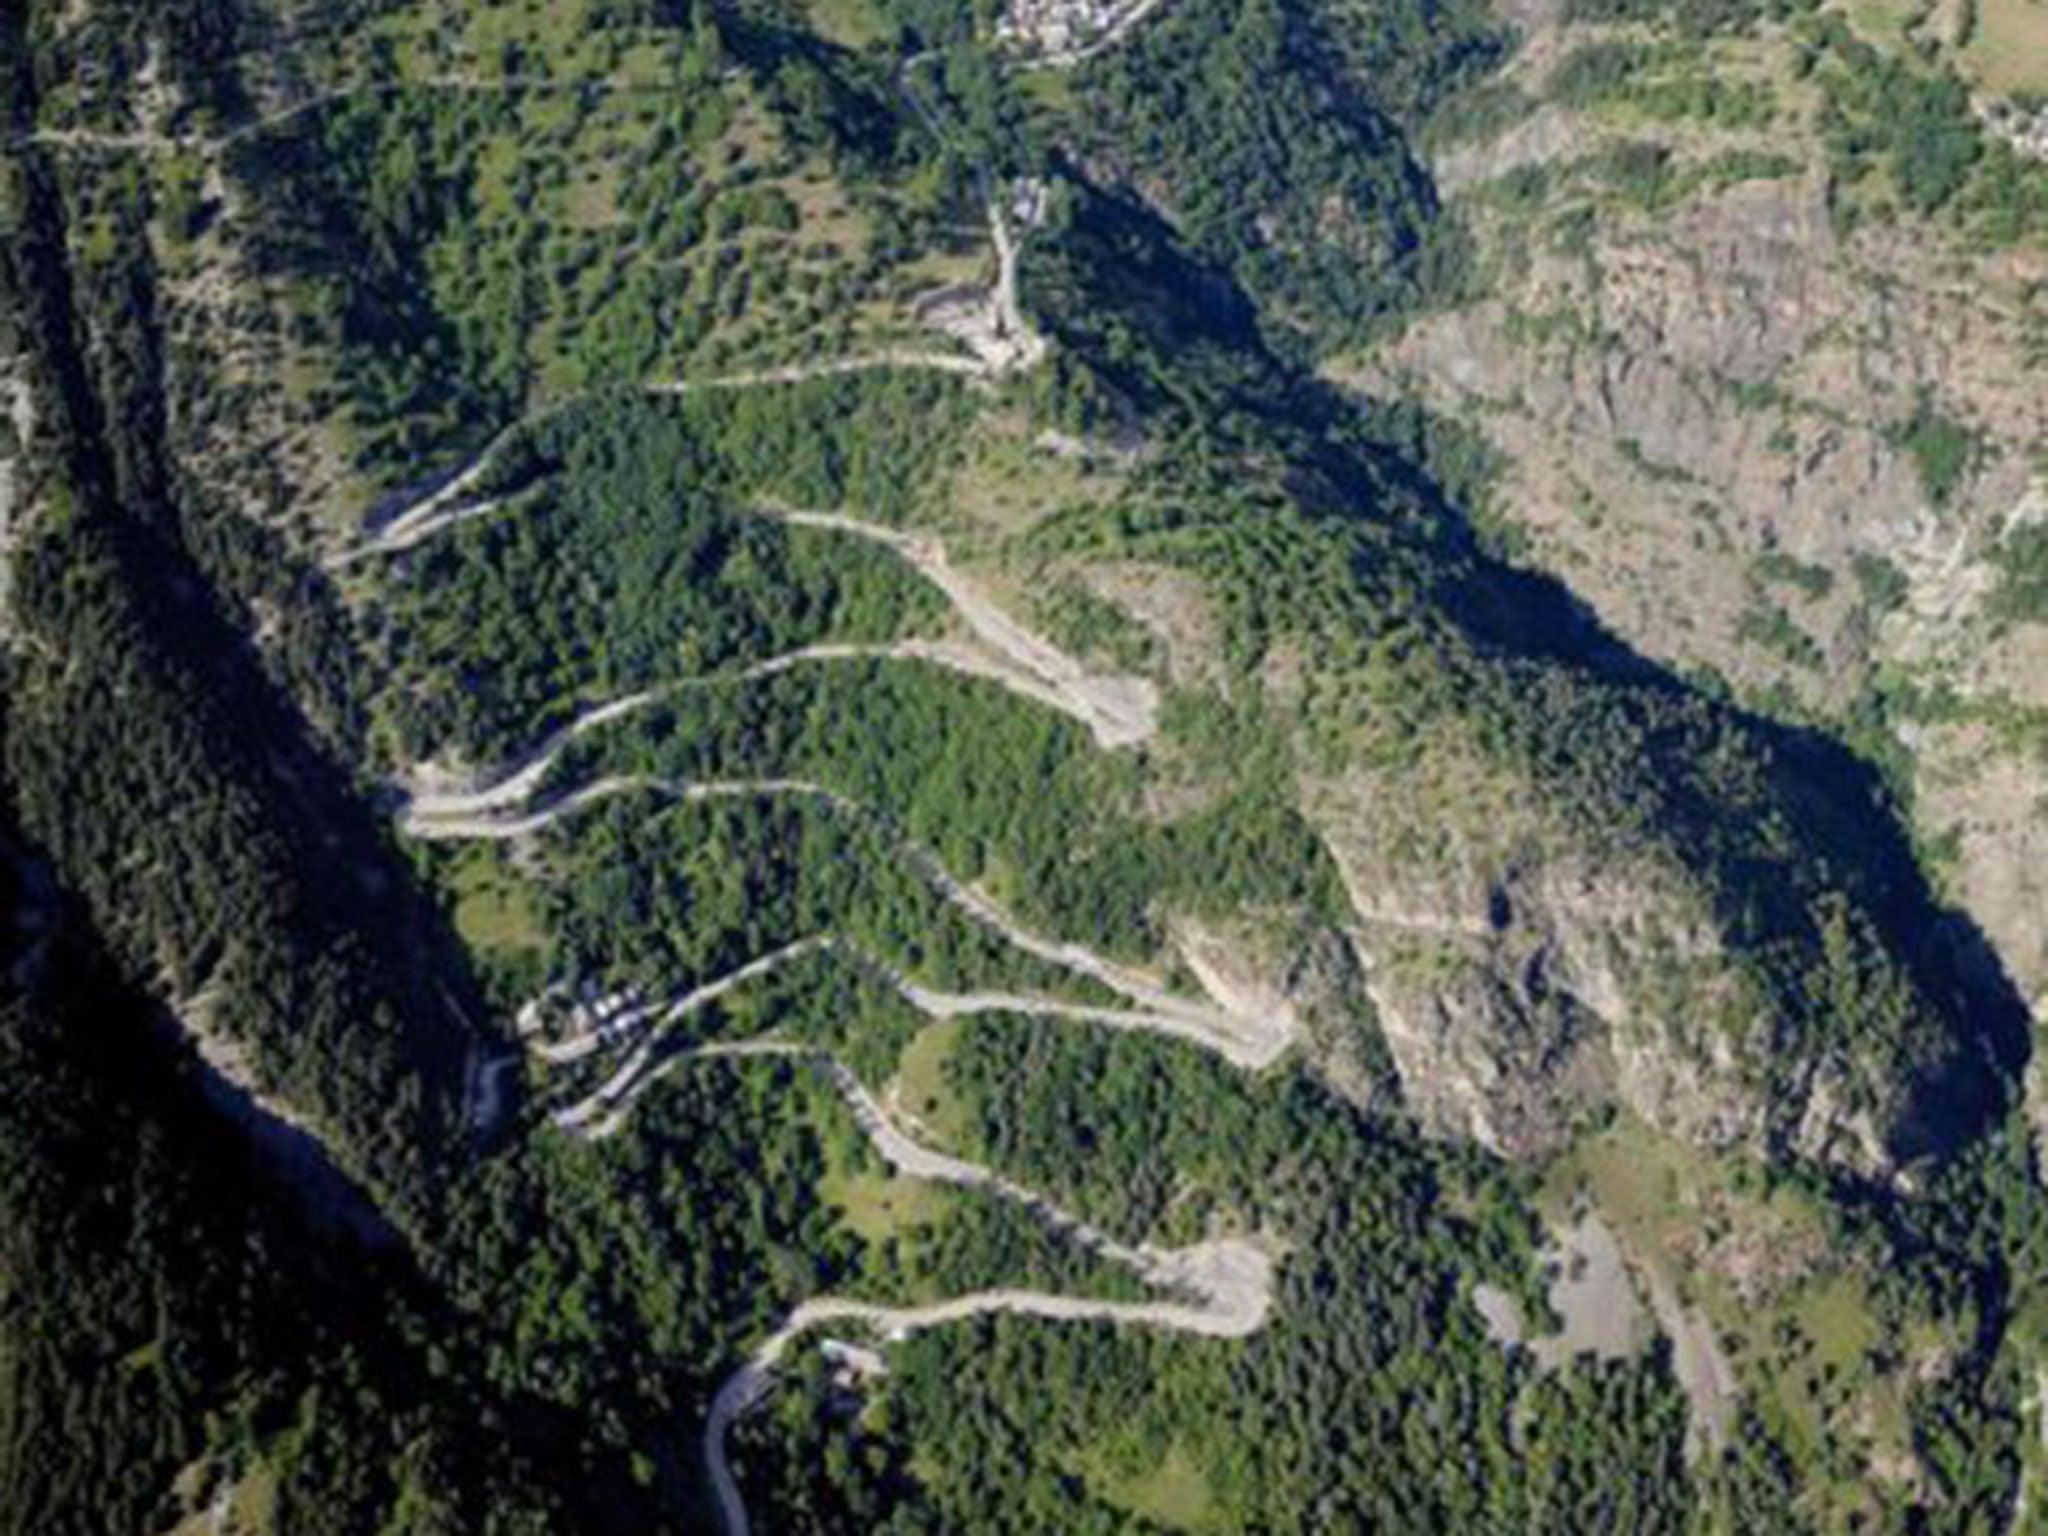 tour de france 2015 alpe d huez it has 21 hairpins zigzagging like a